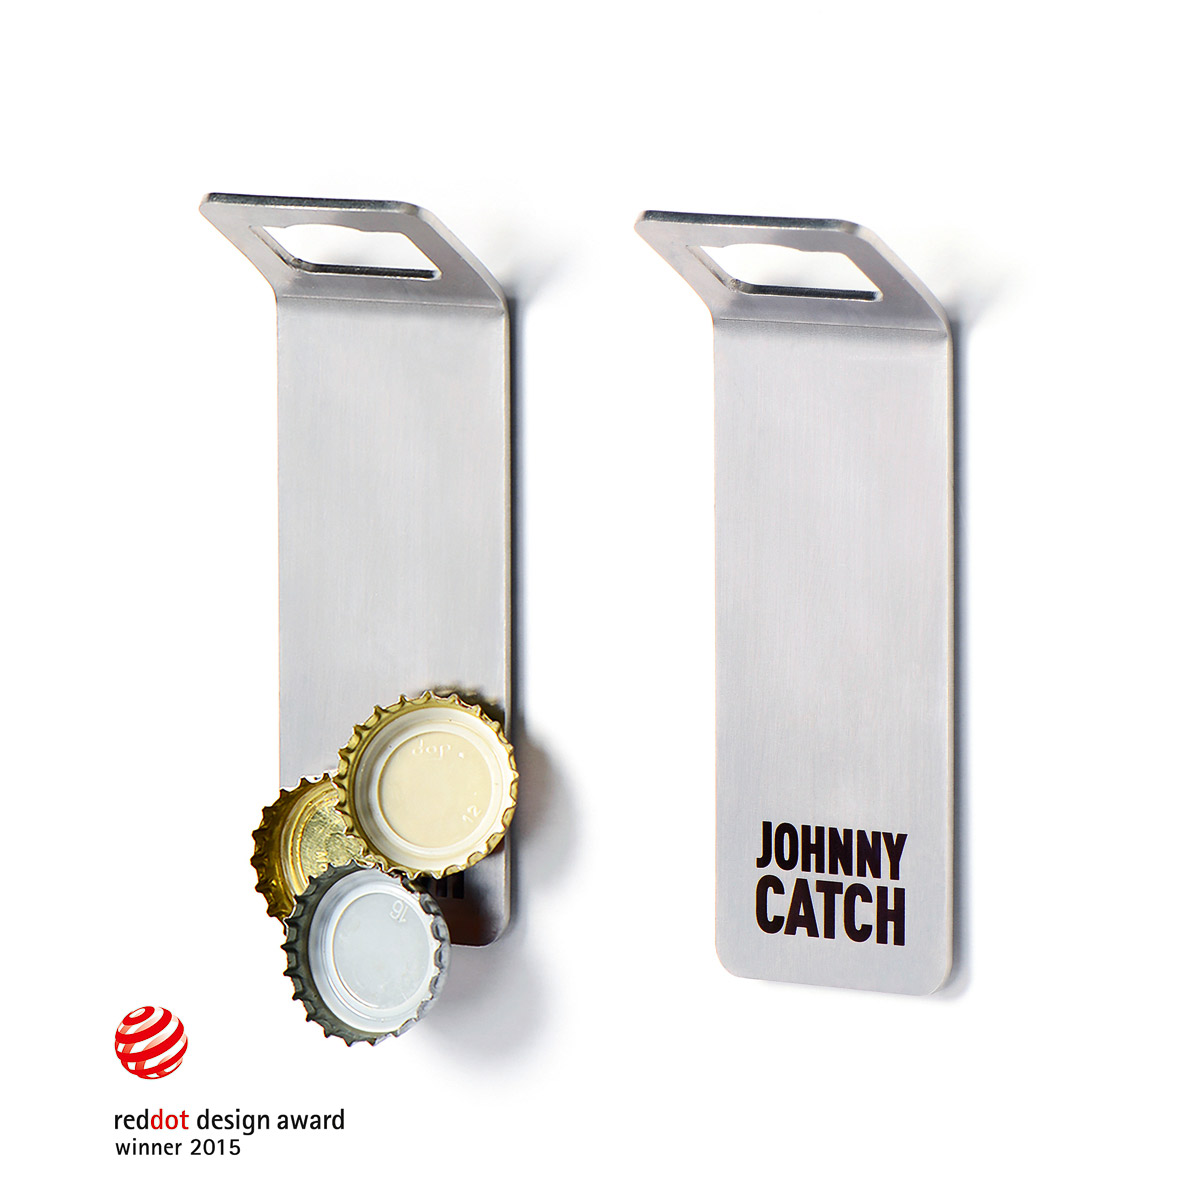 johnny catch magnet flaschen ffner kaufen corpus delicti design hamburg wir machen geschenke. Black Bedroom Furniture Sets. Home Design Ideas